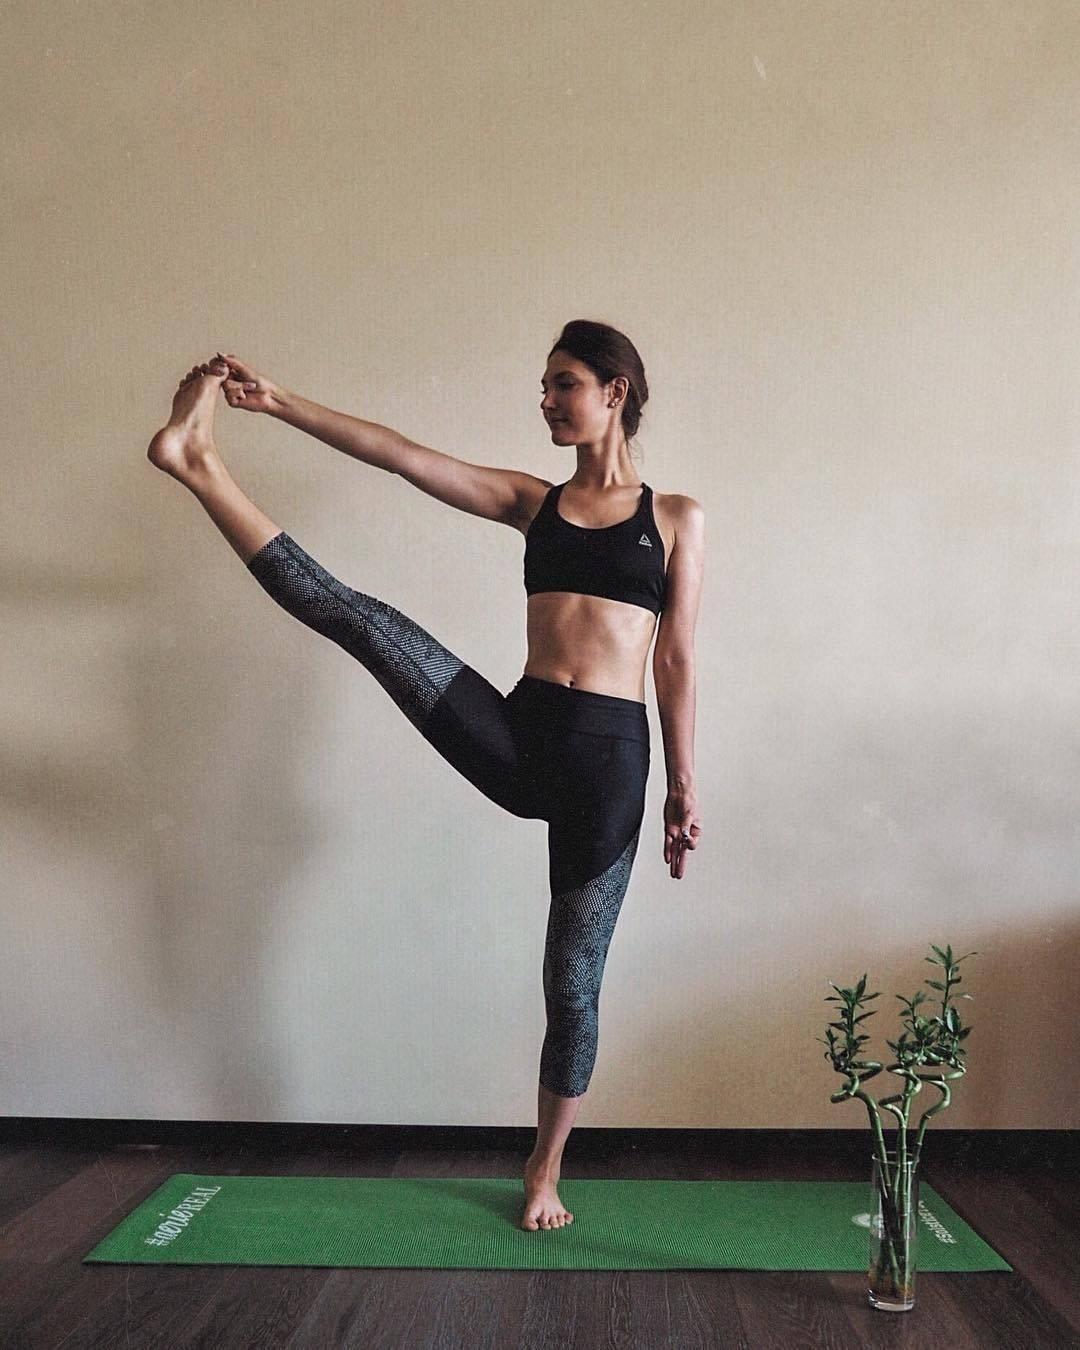 Вирабхадрасана 2 или поза героя 2 в йоге: техника выполнения, польза, противопоказания